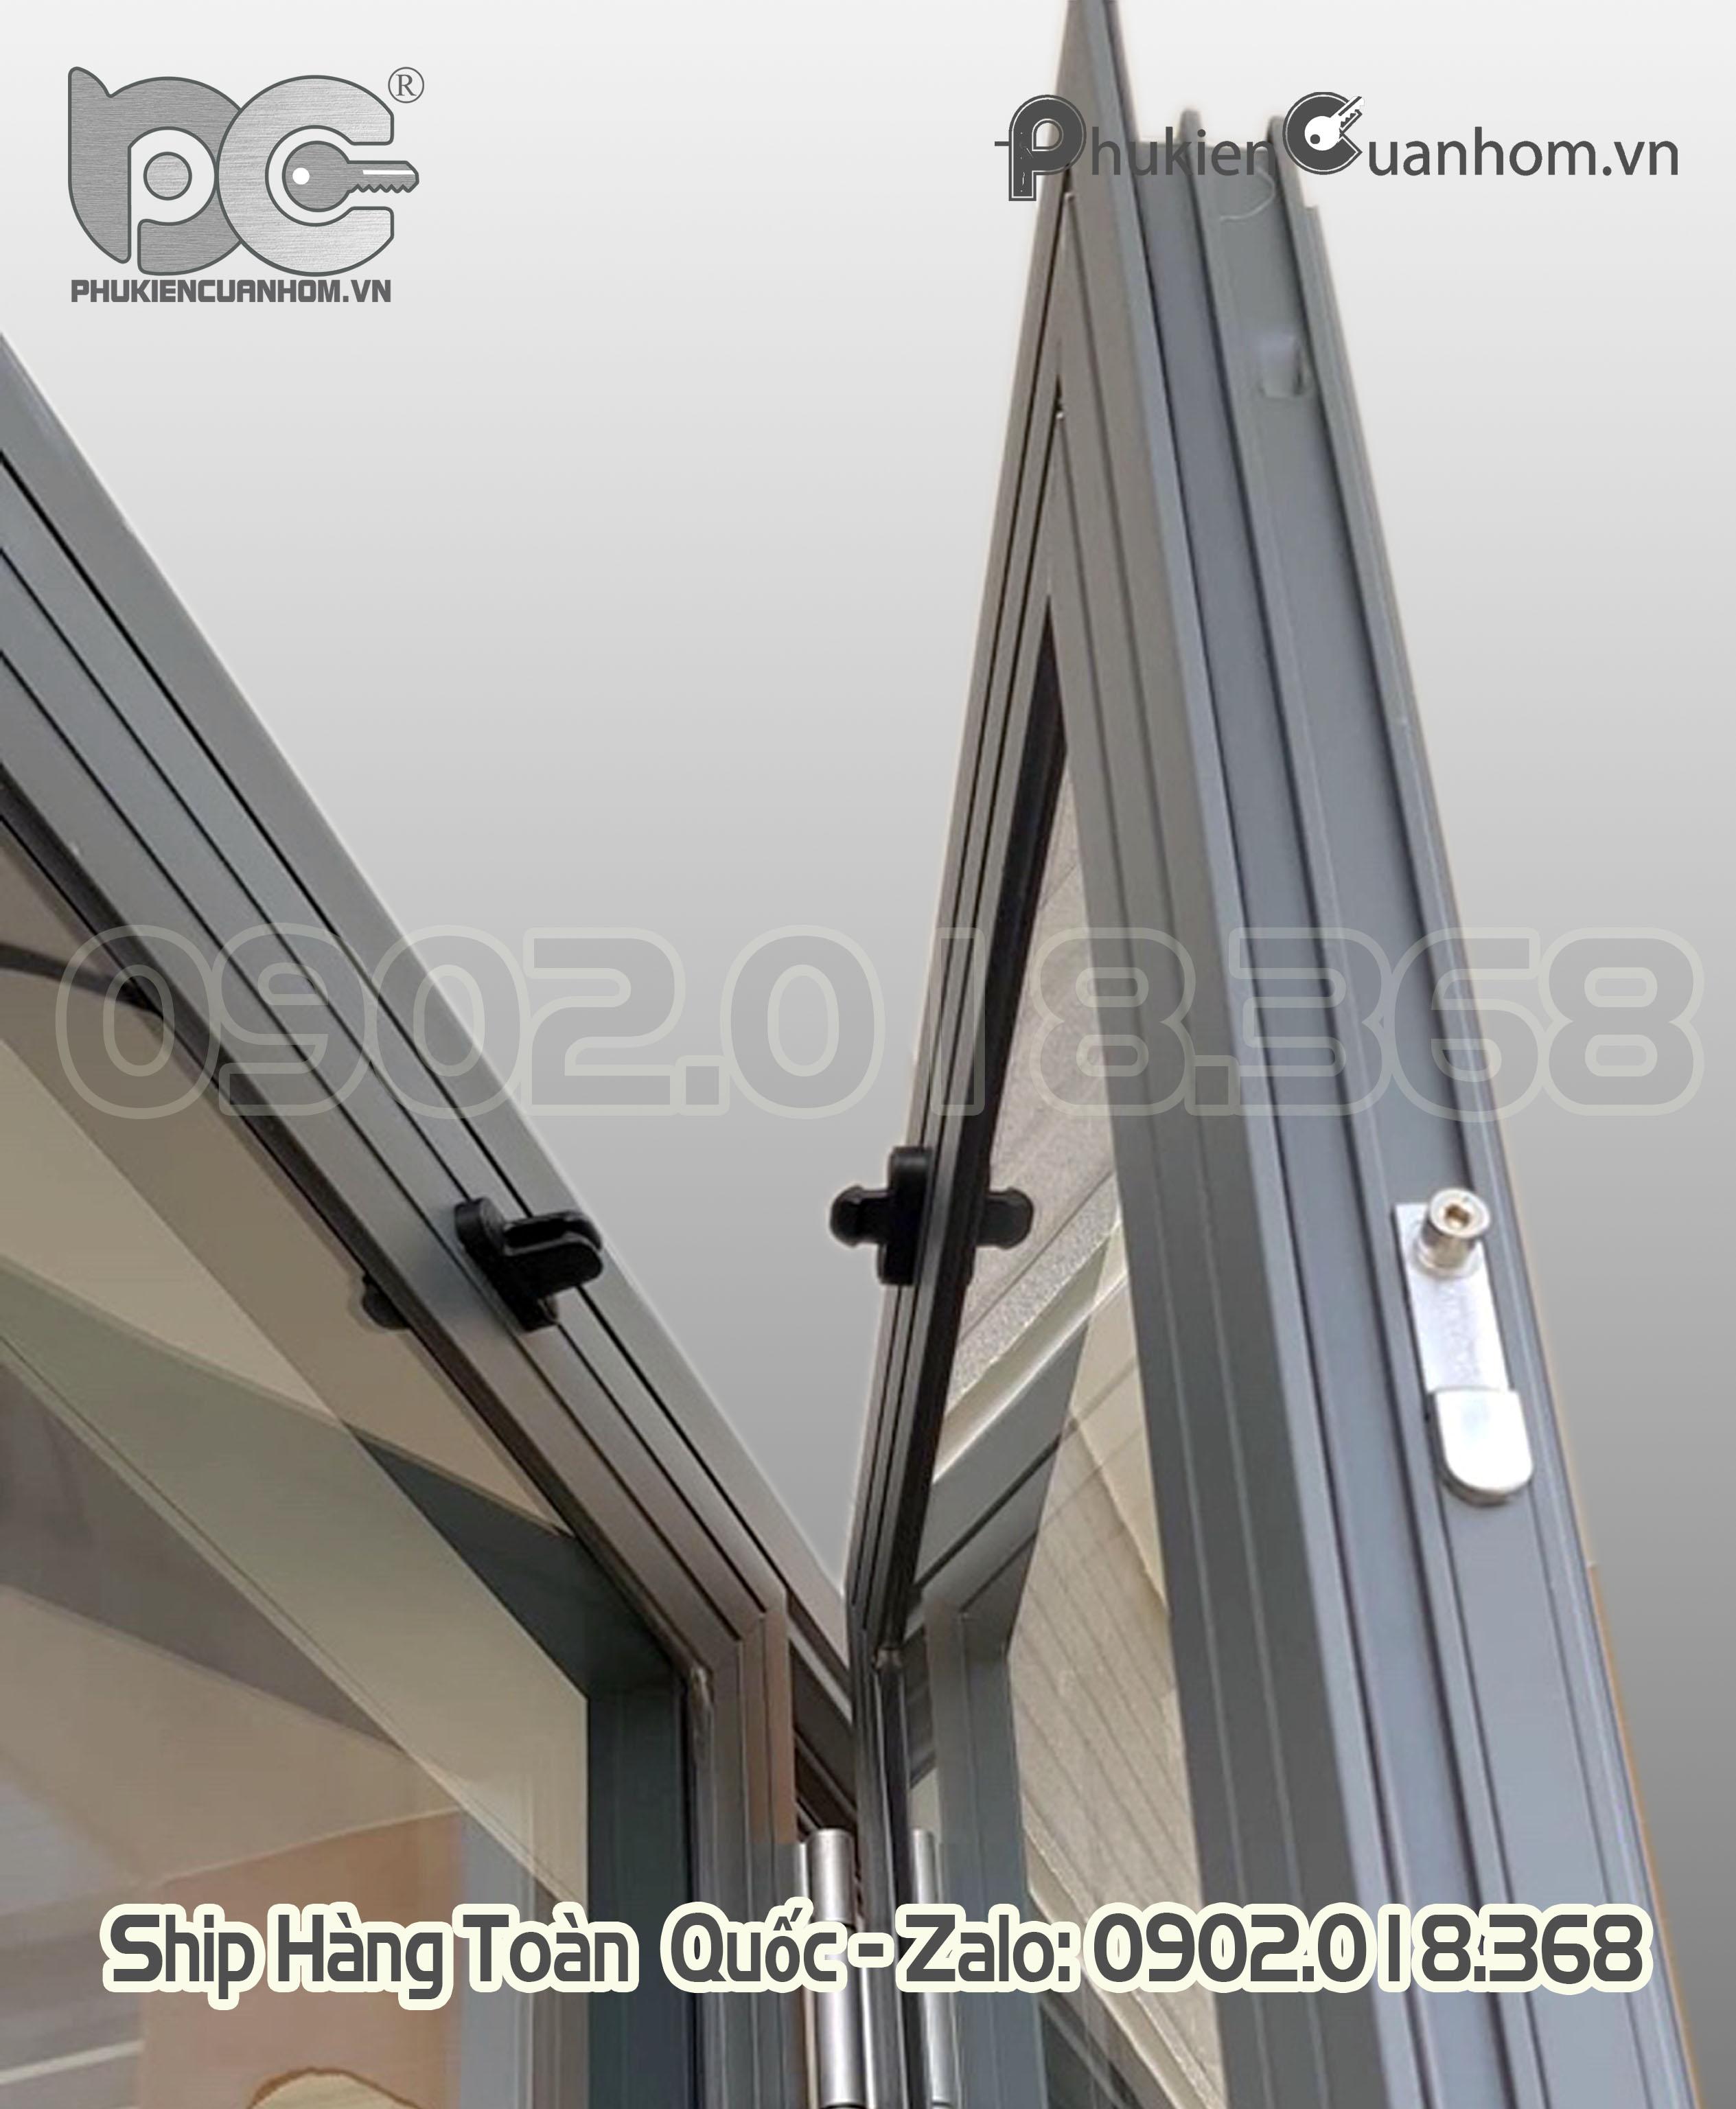 Cục hít âm dương Size lớn cửa gỗ, cửa nhựa, cửa nhôm